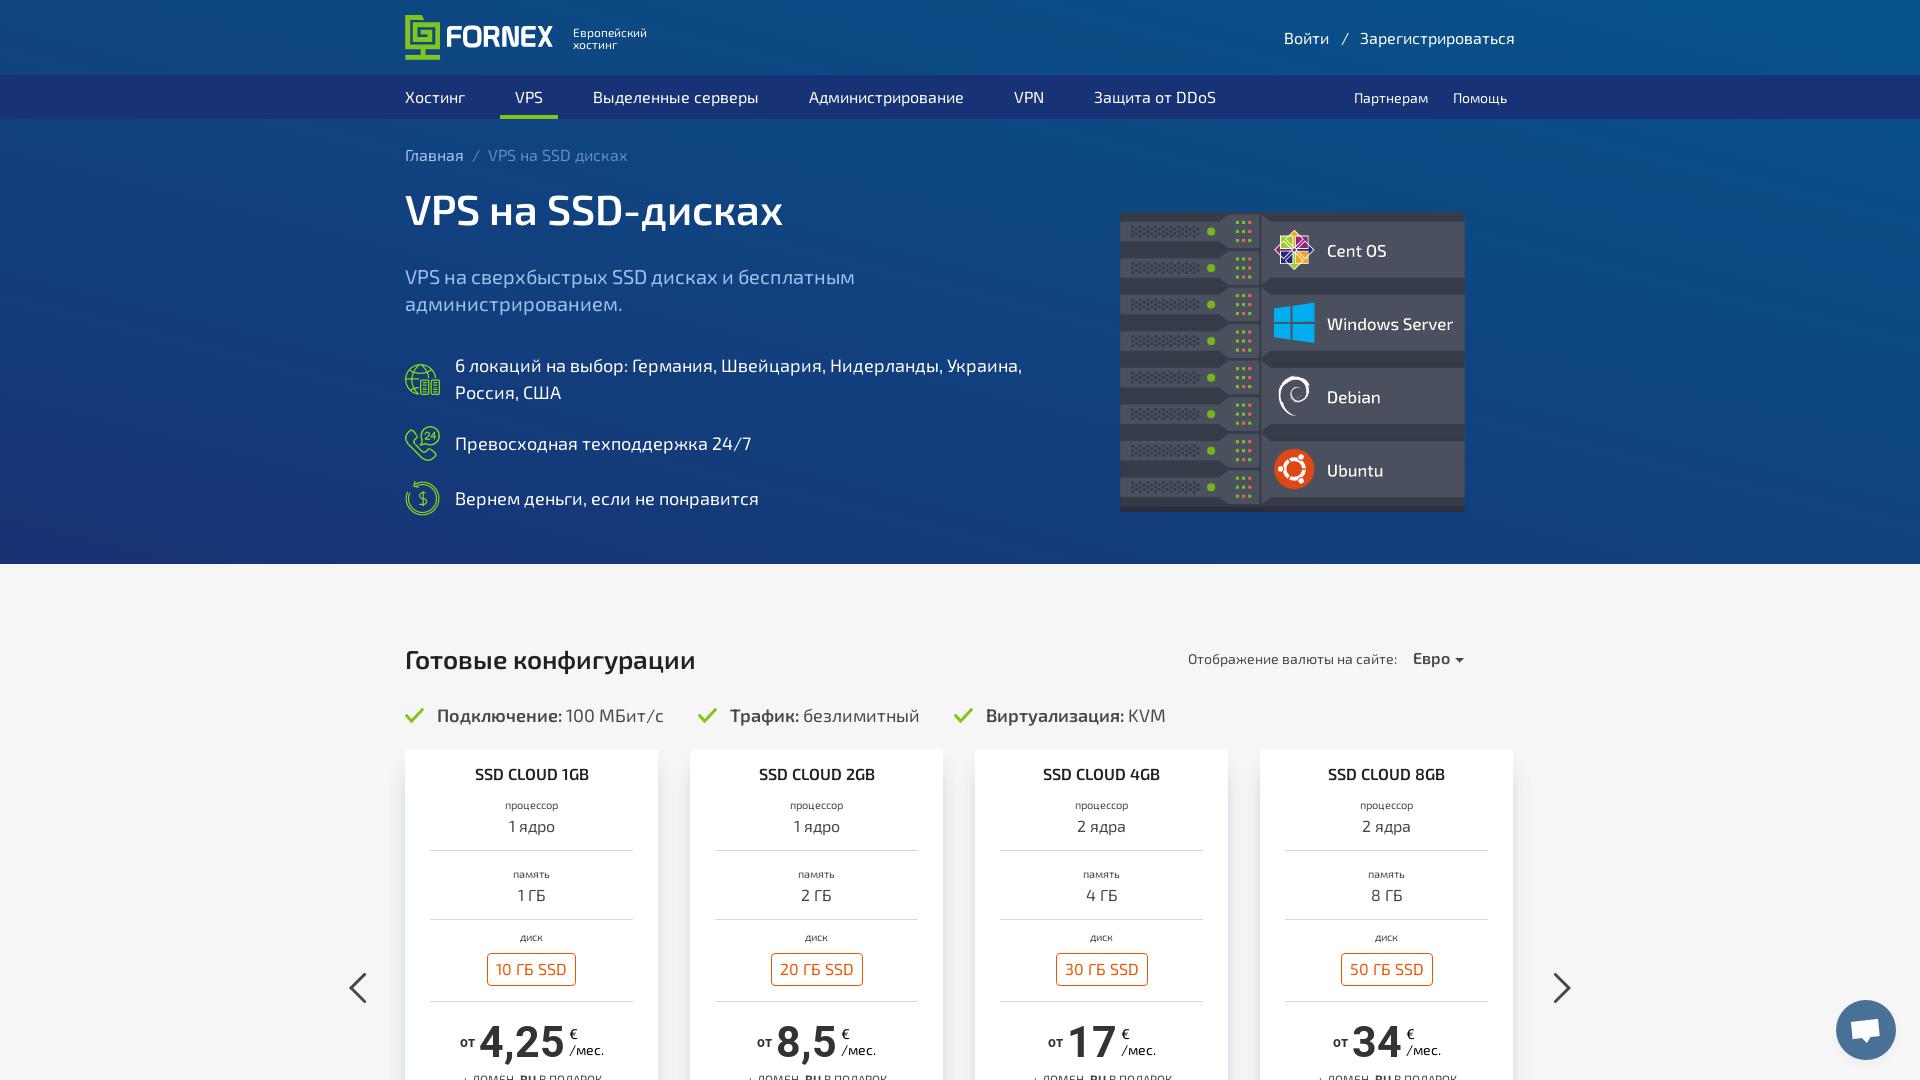 Fornex Hosting website